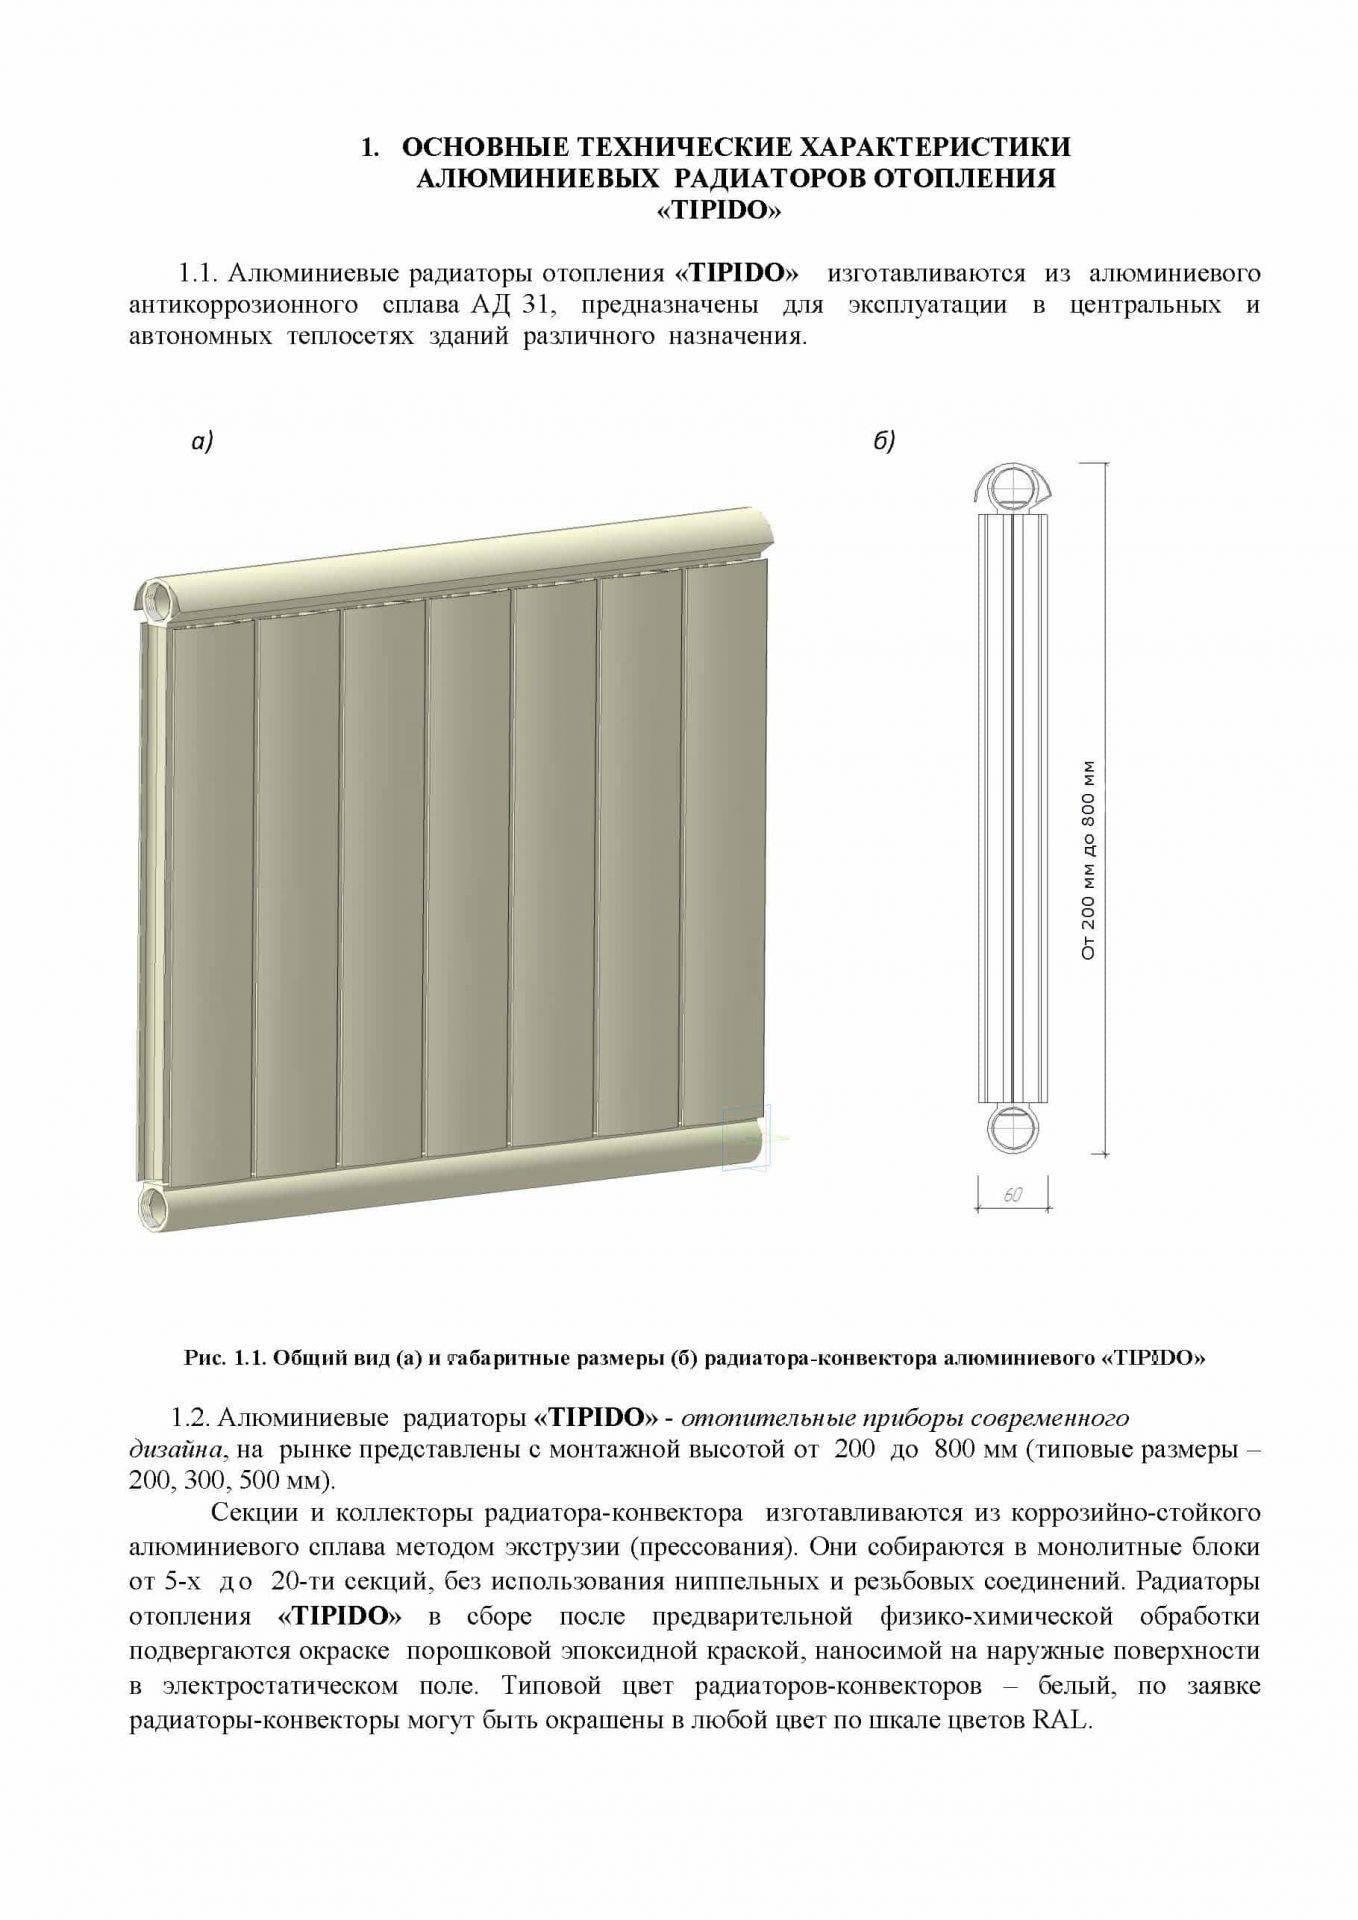 Алюминиевые радиаторы: технические характеристики, мощность, размеры секций, срок службы